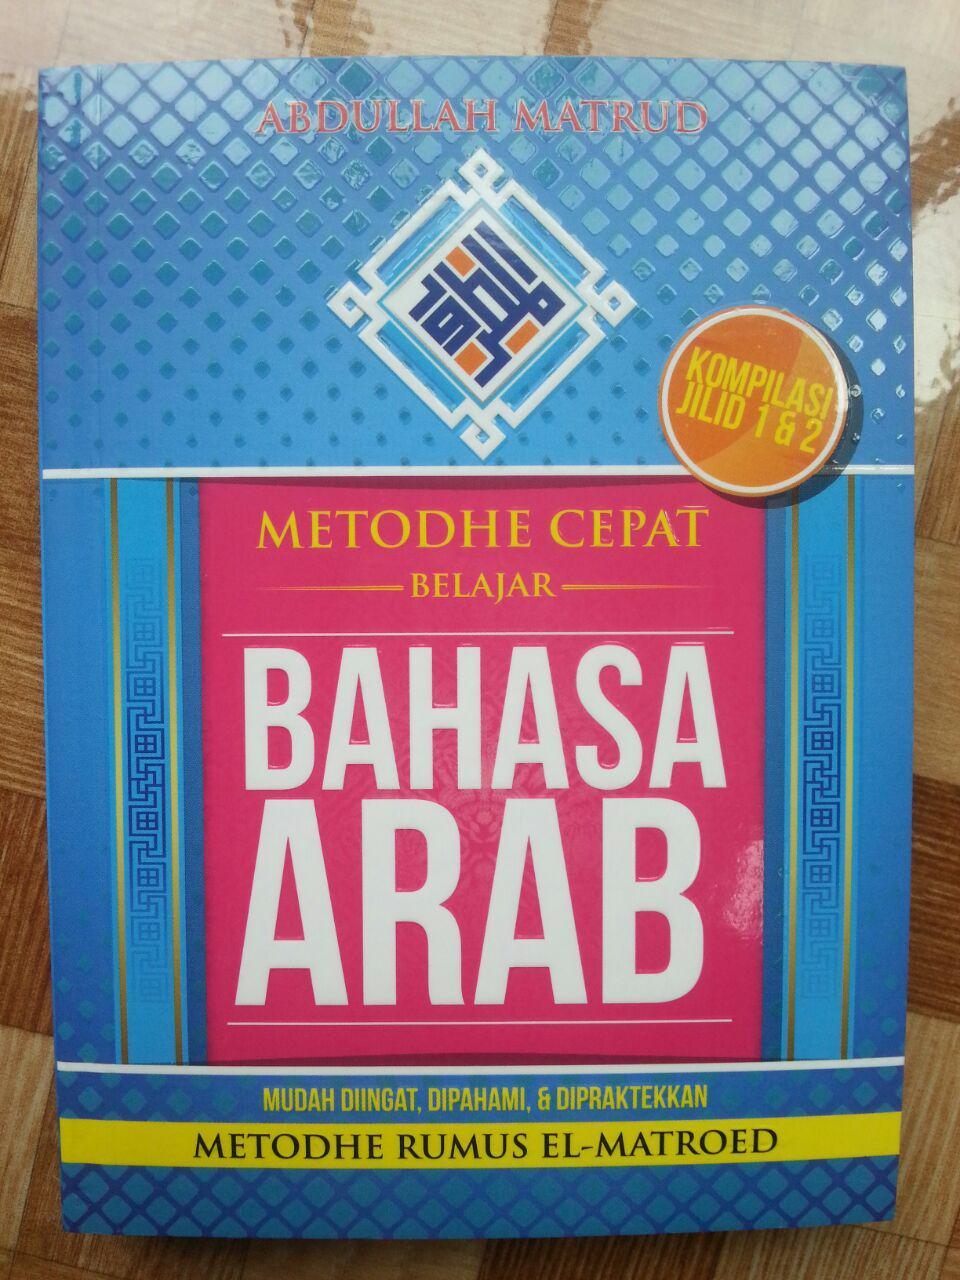 Buku Metode Cepat Belajar Bahasa Arab Rumus El-Matroed Kompilasi 1-2 cover 2